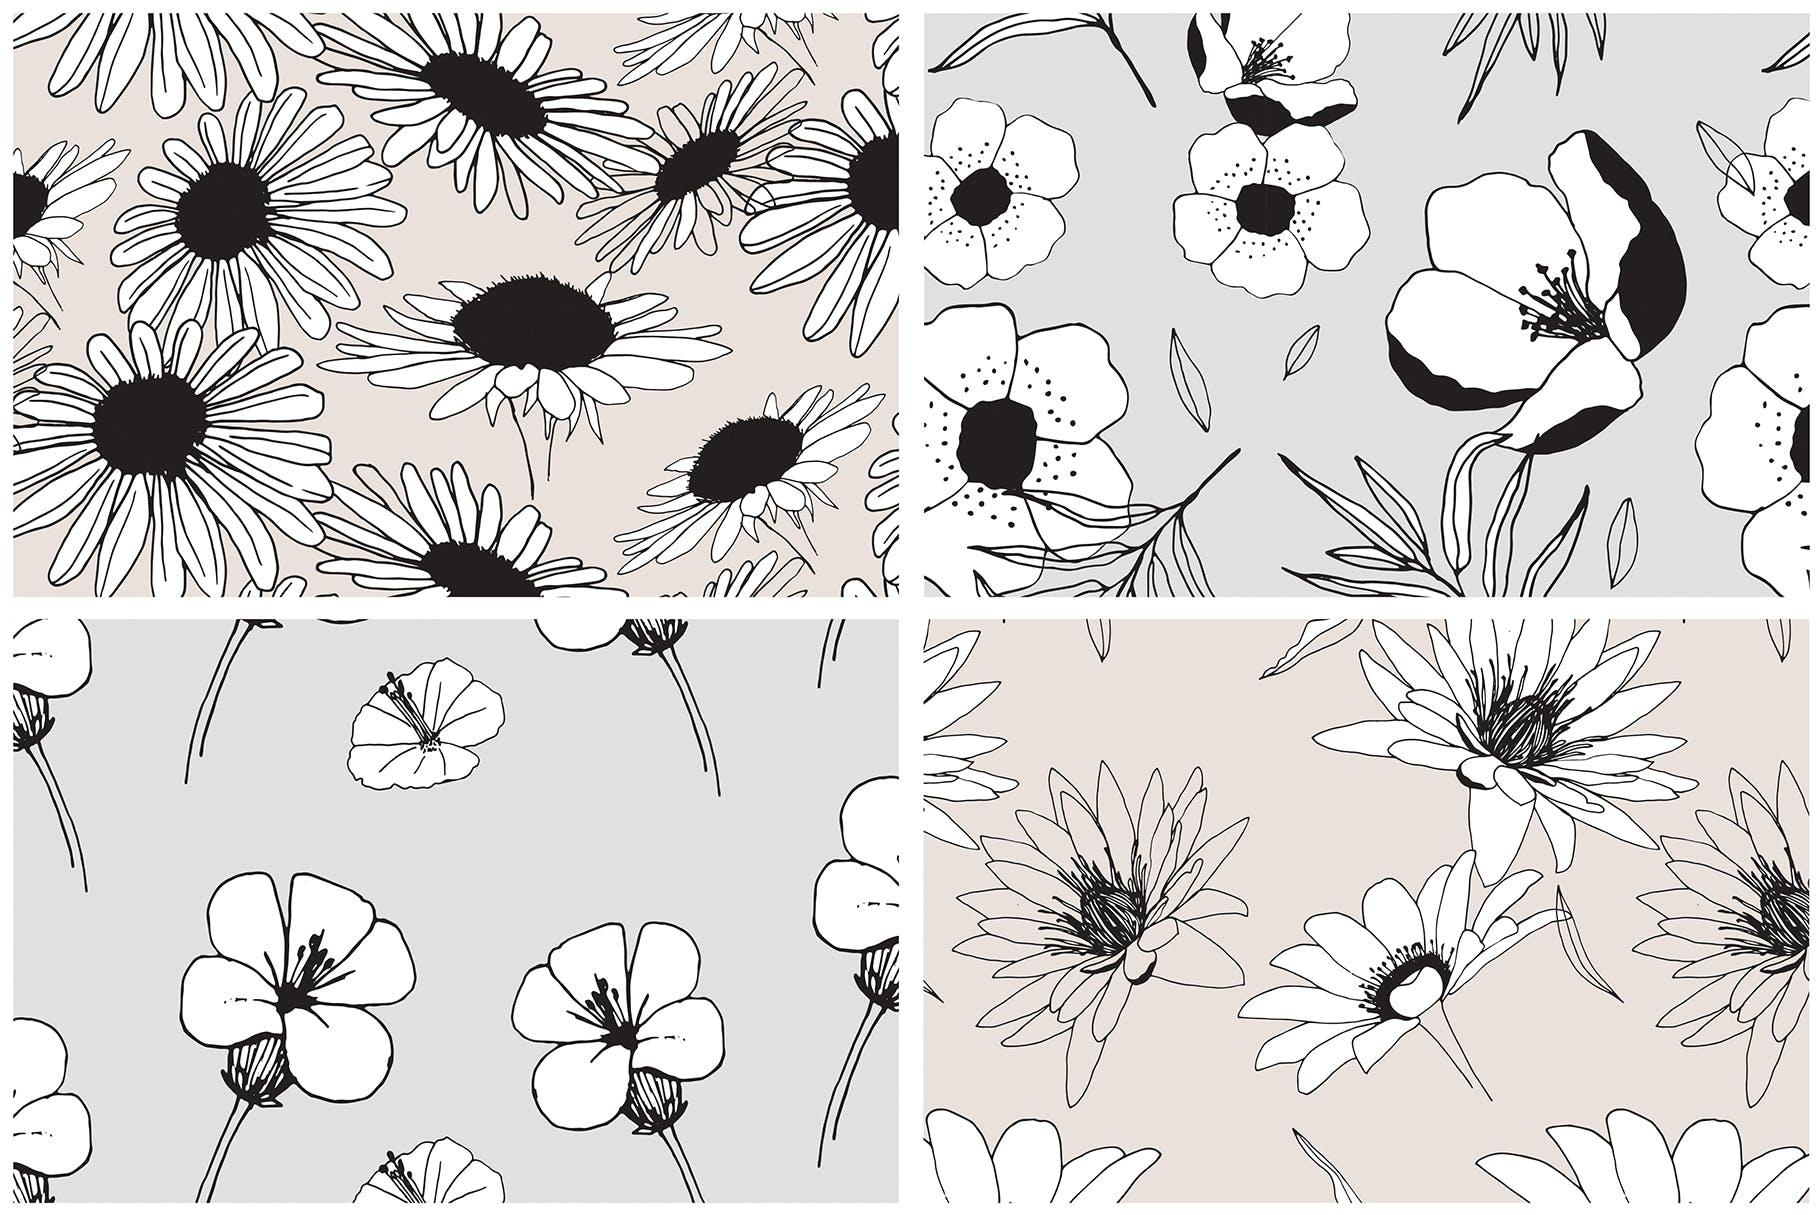 图形花卉图案装饰性元素图案花纹素材下载Graphic Flowers Patterns Elements插图(5)